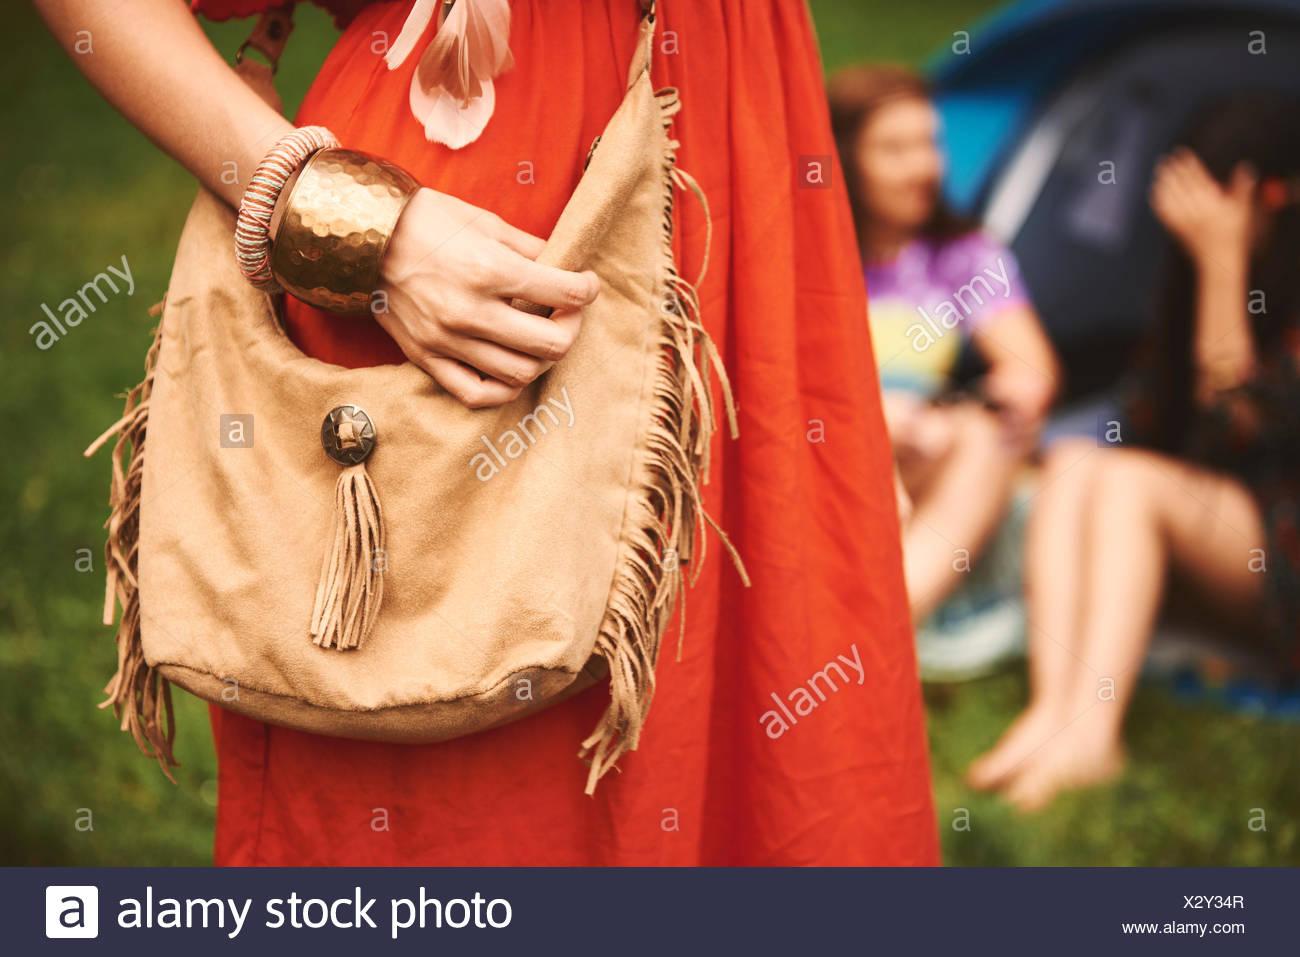 bb1982fd8fe23 Sección intermedia de boho tasseled mujer con bolsa de hombro en el festival  Imagen De Stock